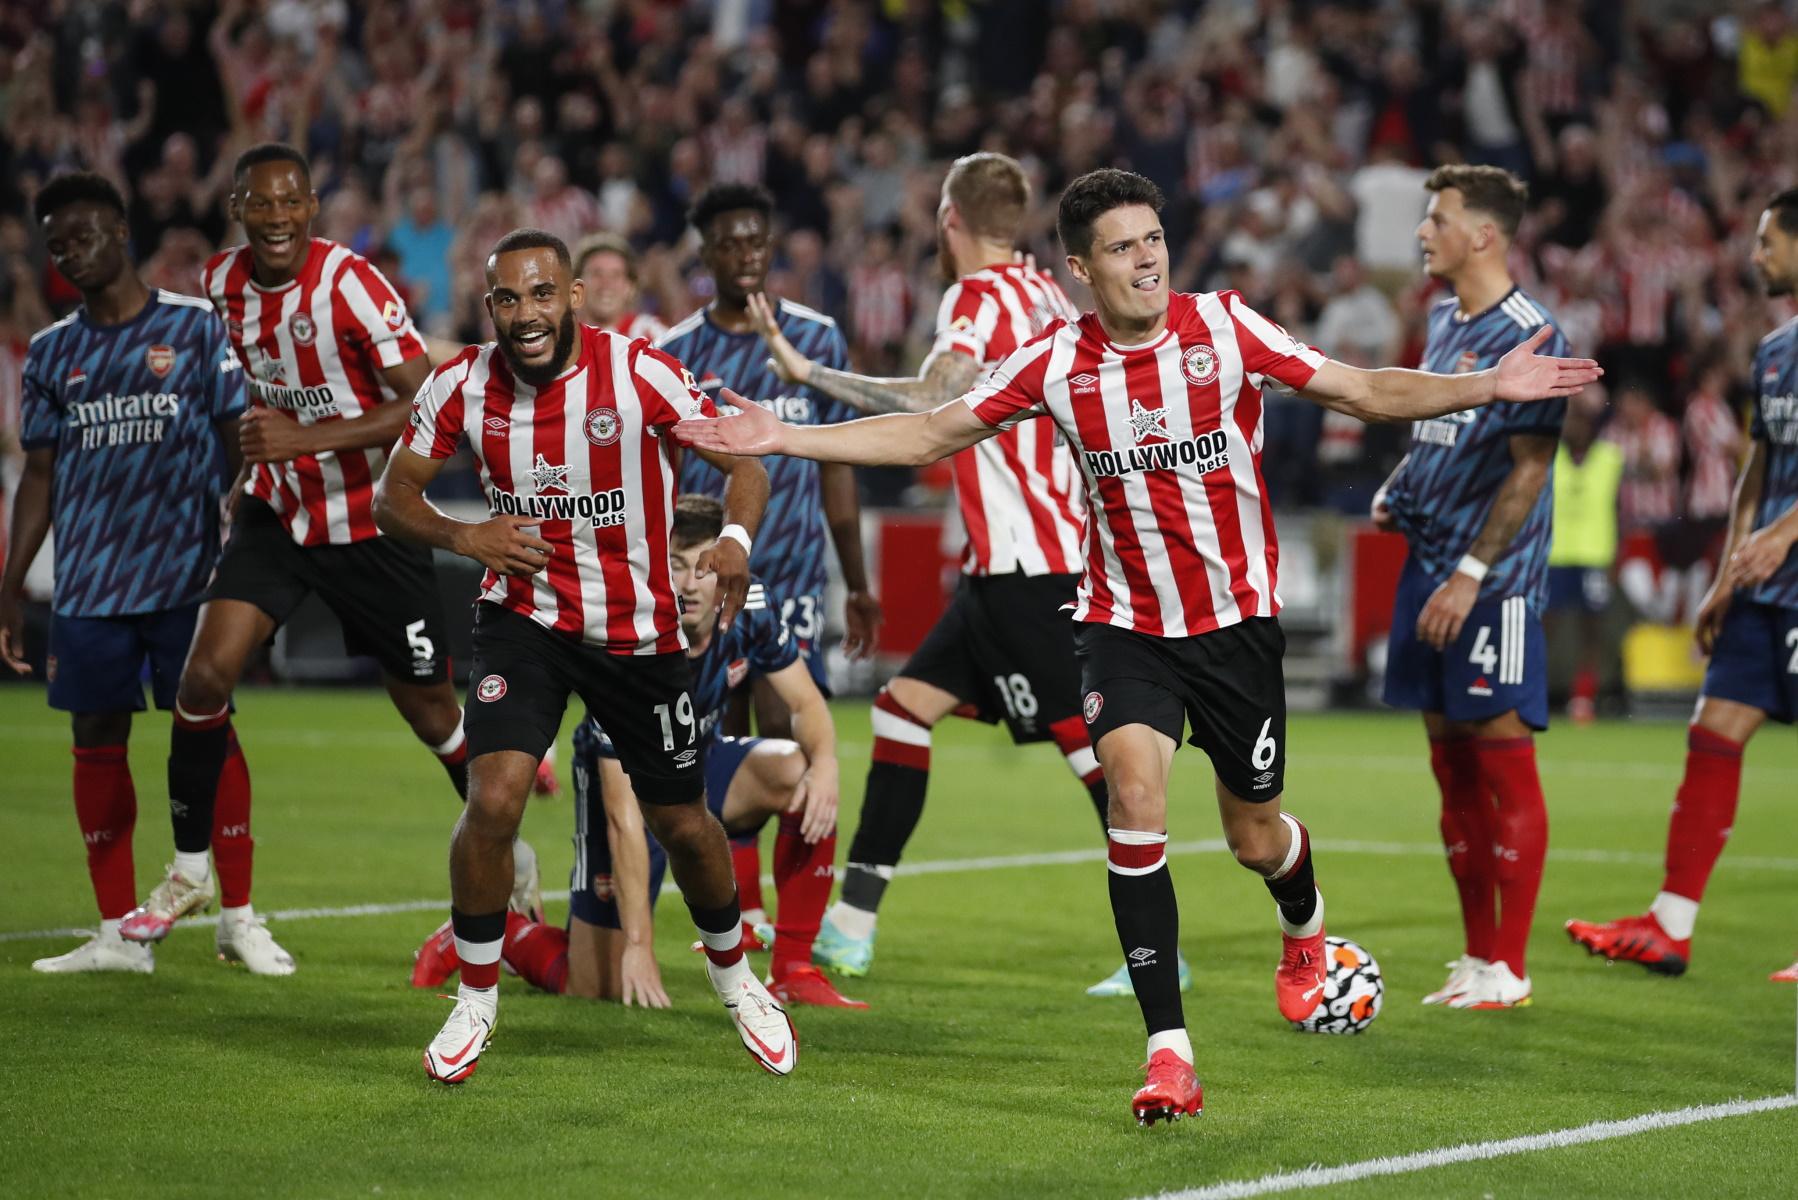 Μπρέντφορντ – Άρσεναλ 2-0: «Μπαμ» στην πρεμιέρα της Premier League